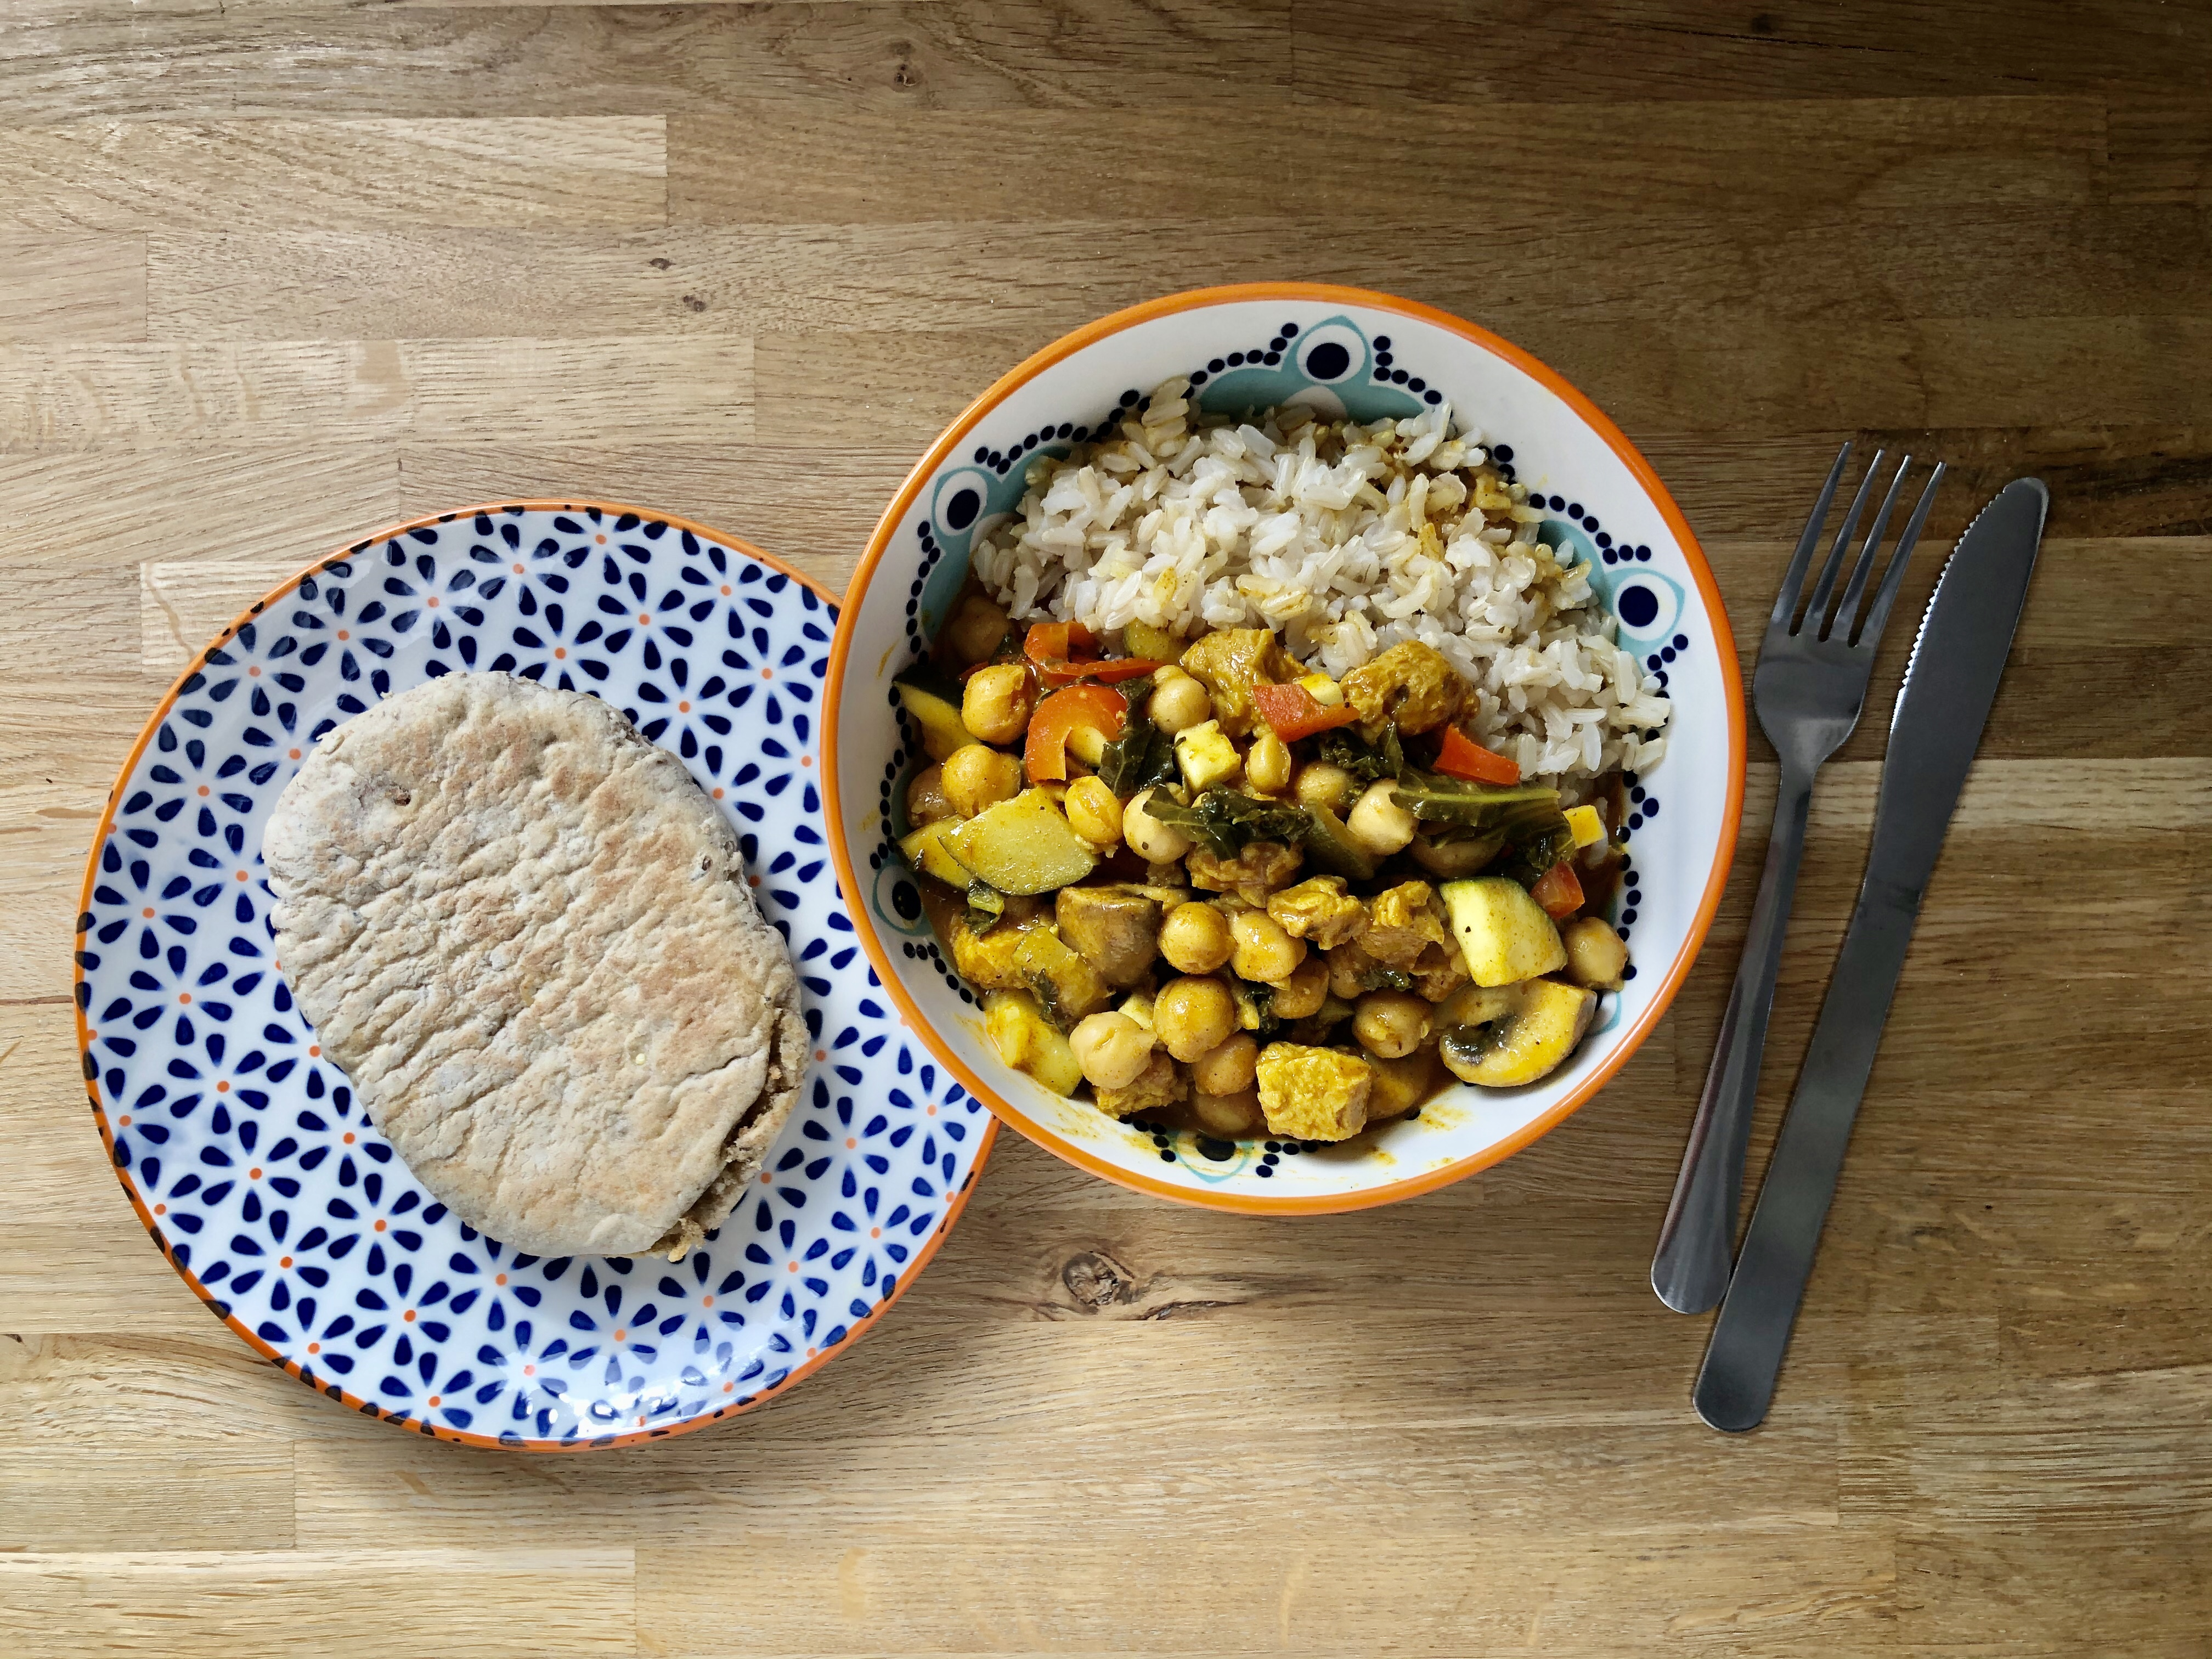 Vegan tikka masala recipe